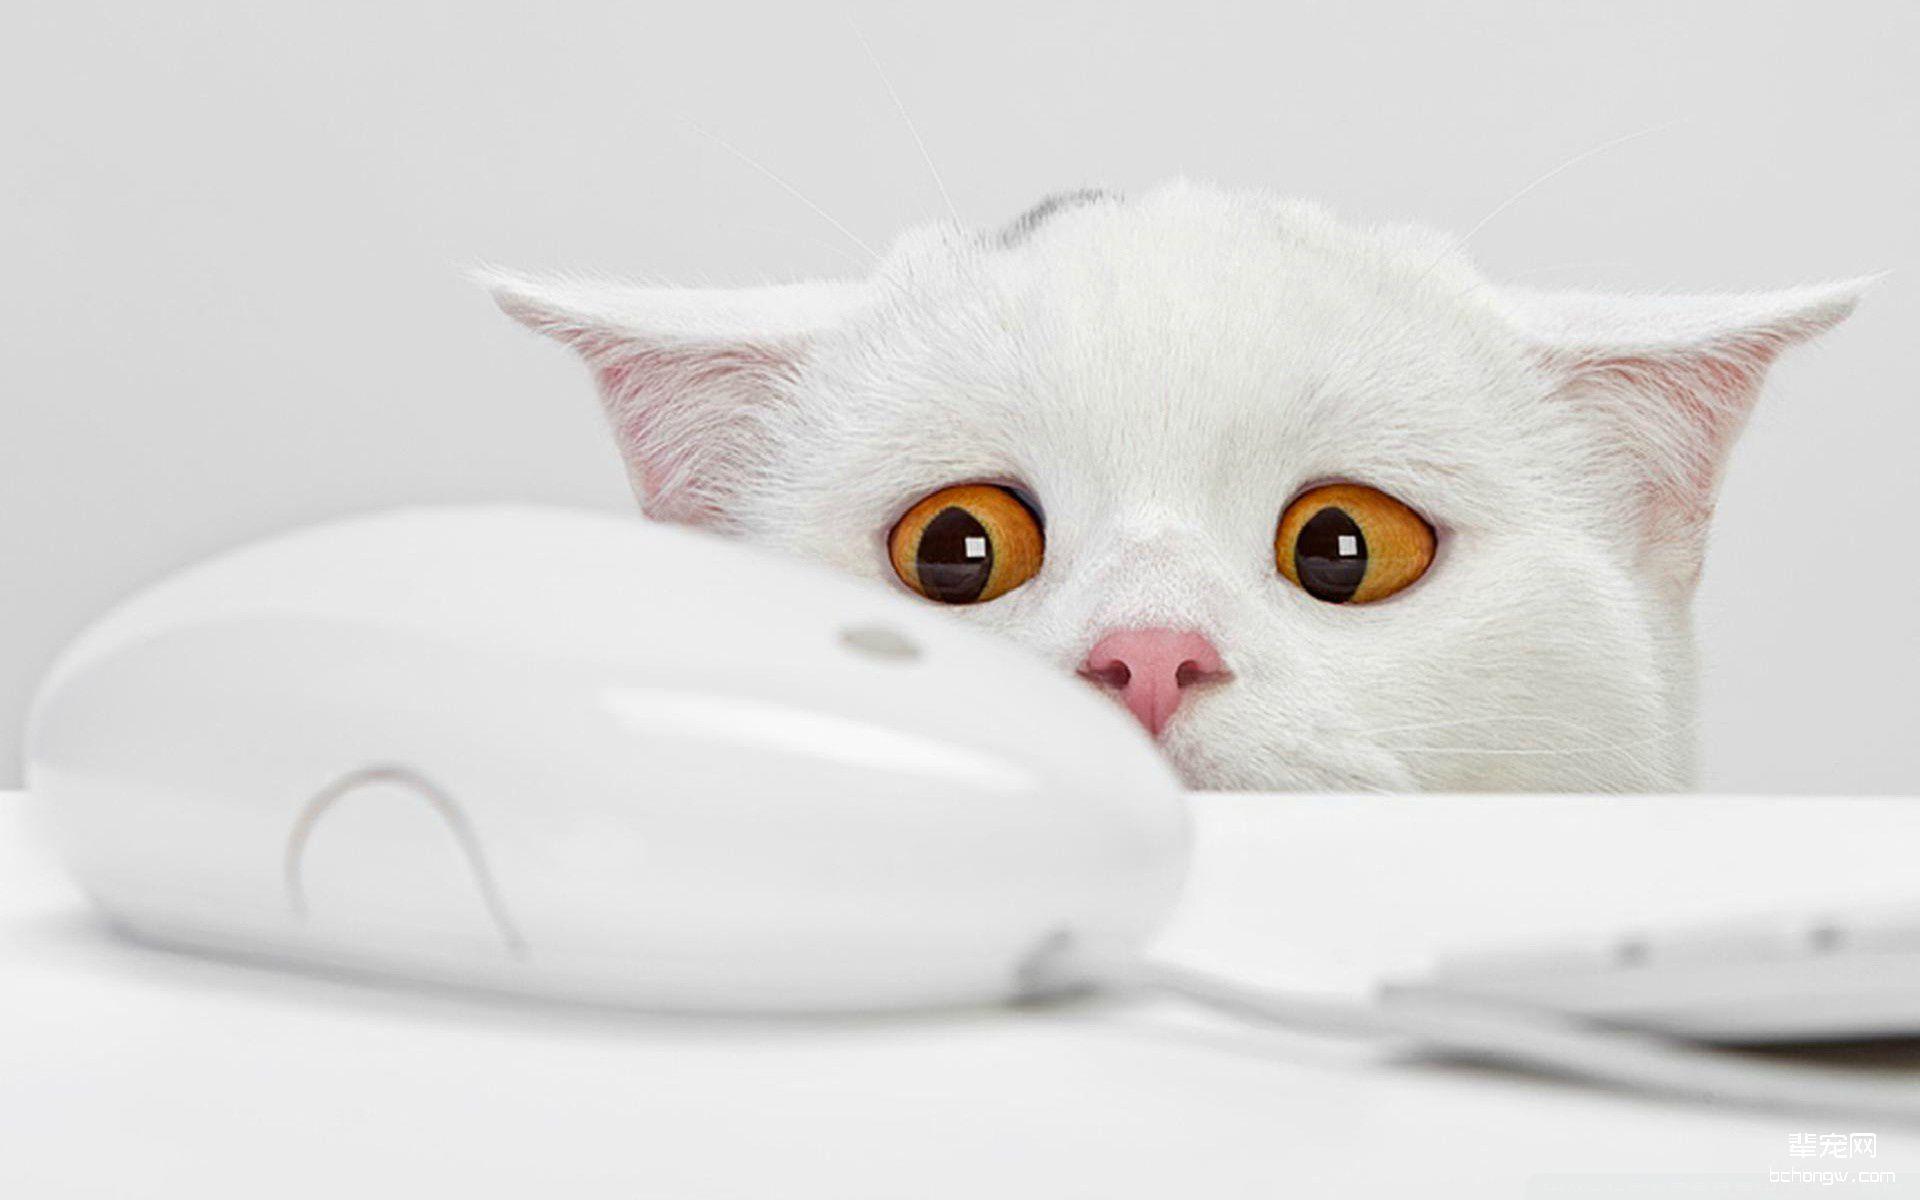 壁纸 动物 猫 猫咪 小猫 枕头 桌面 1920_1200